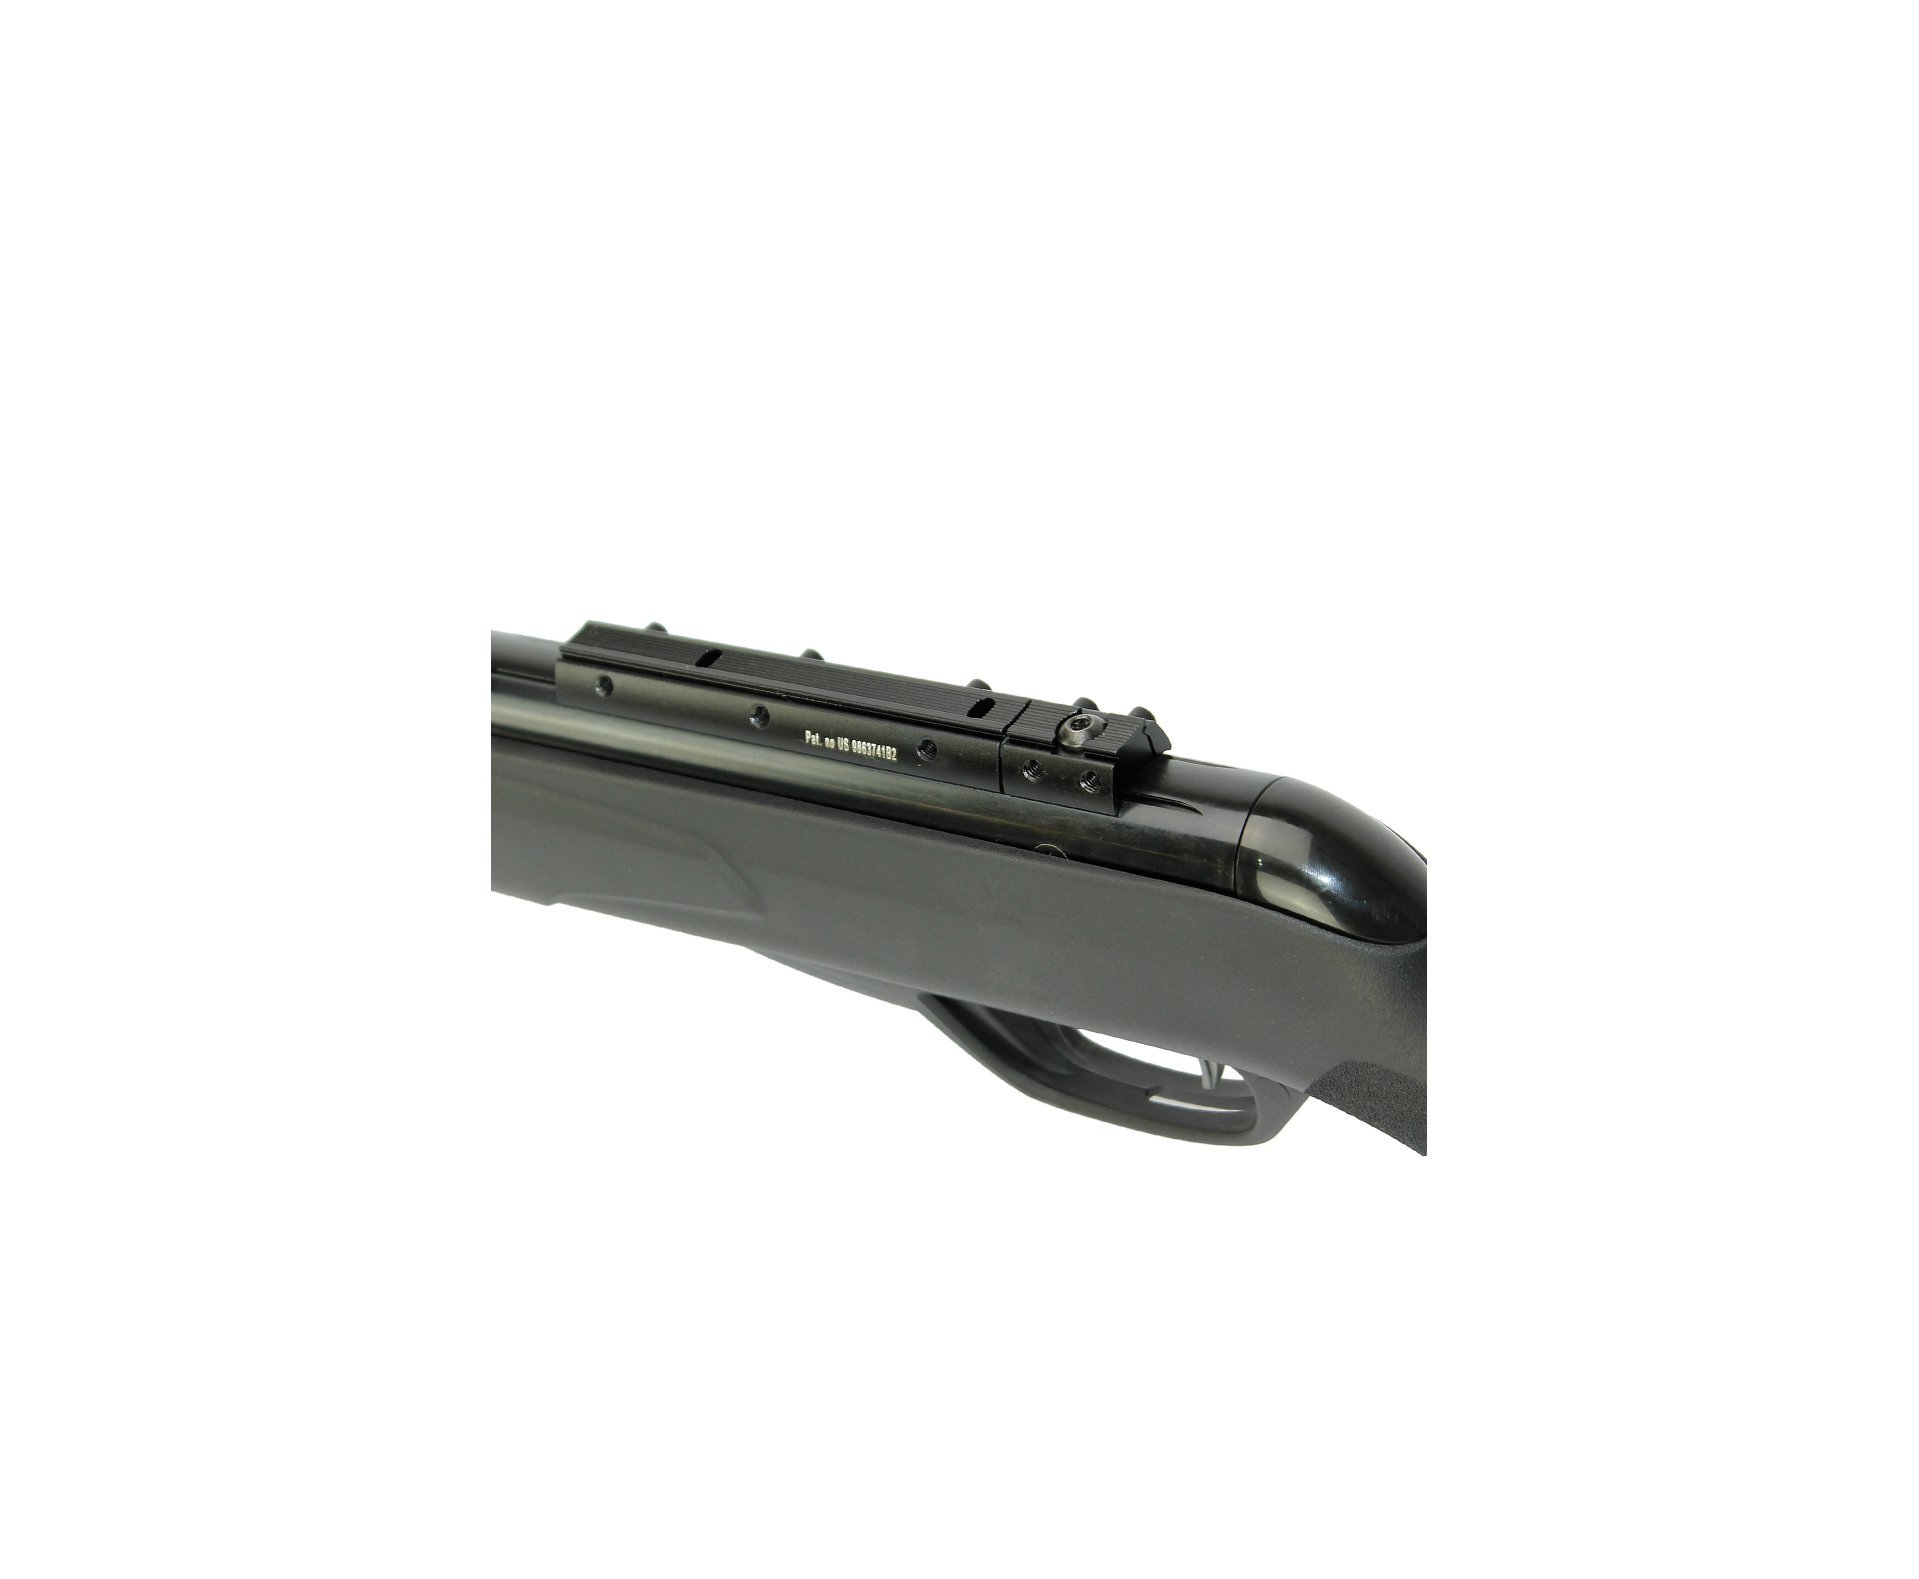 Carabina De Pressão Black Fusion Igt Mach 1 Gas Ram-  Polimero Cal 5,5mm - Gamo